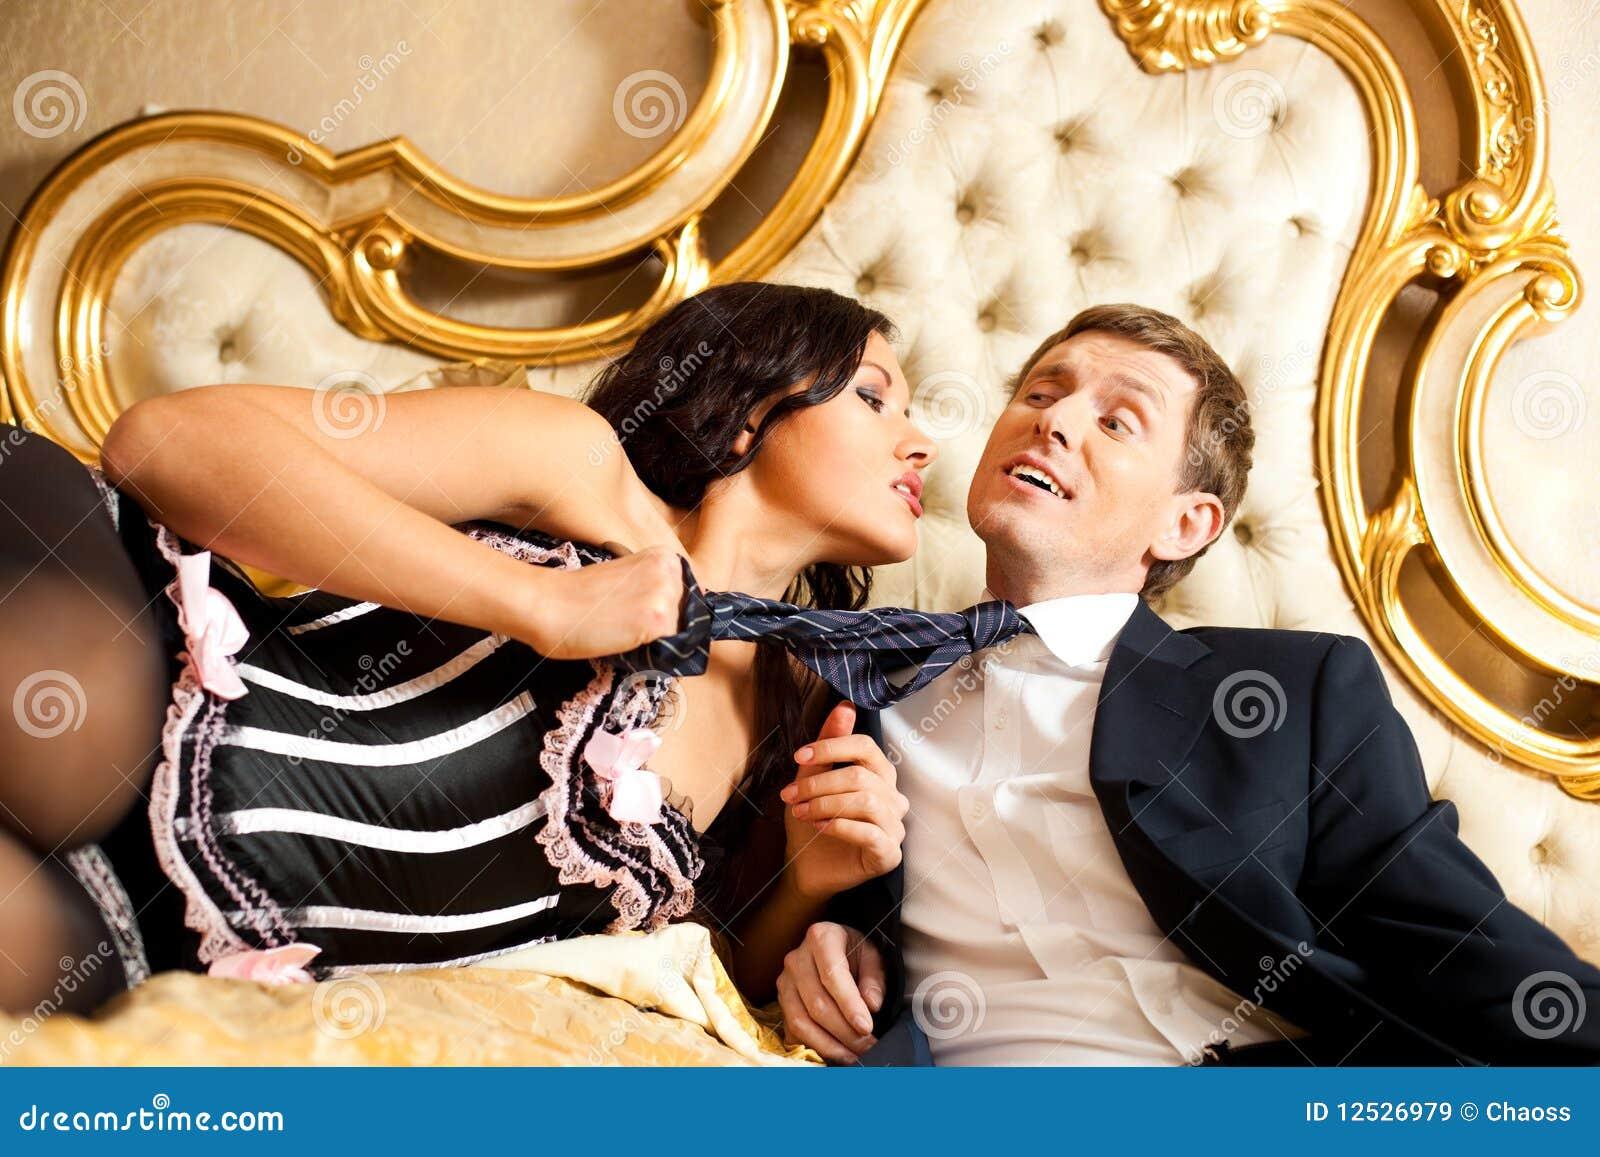 Смотреть онлайн игры в постели мужа с женой 11 фотография